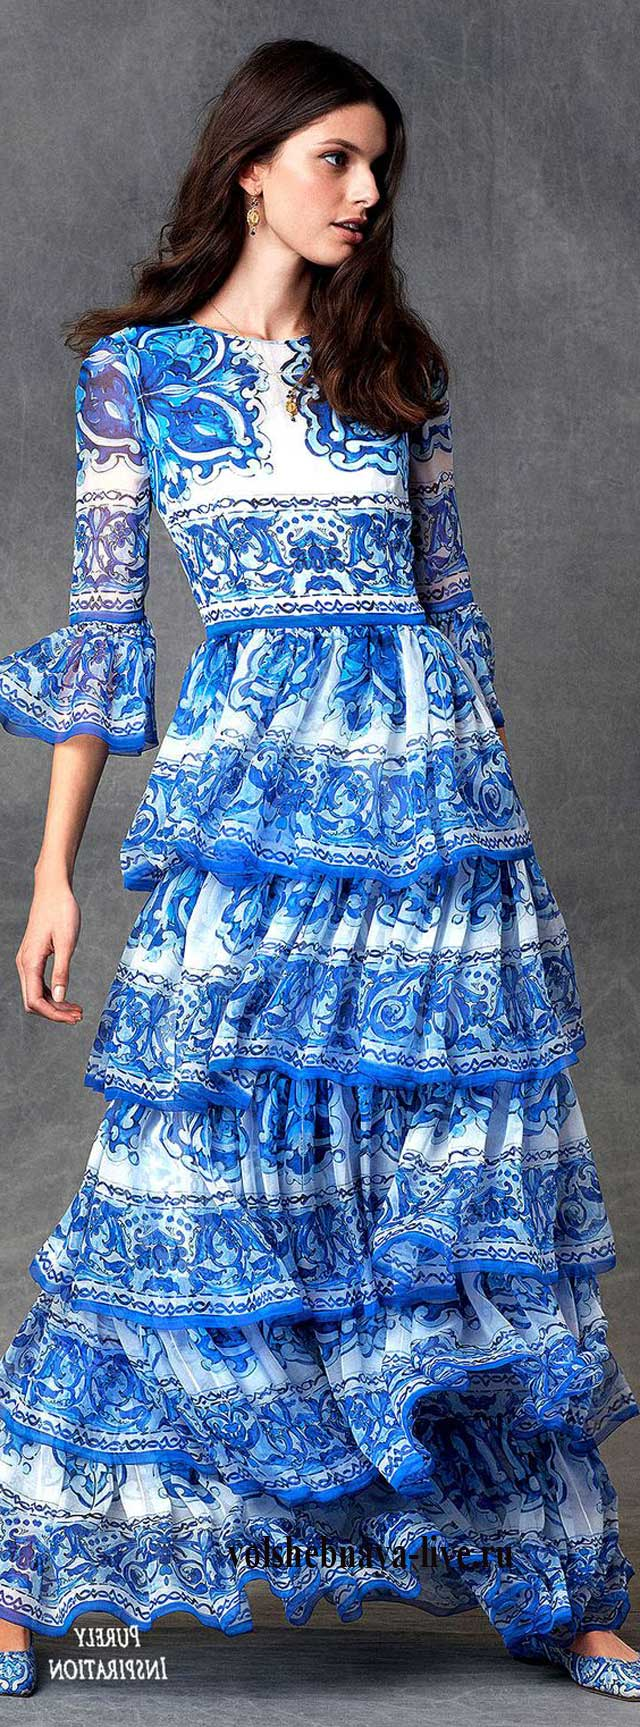 Макси платье с принтом под гжель